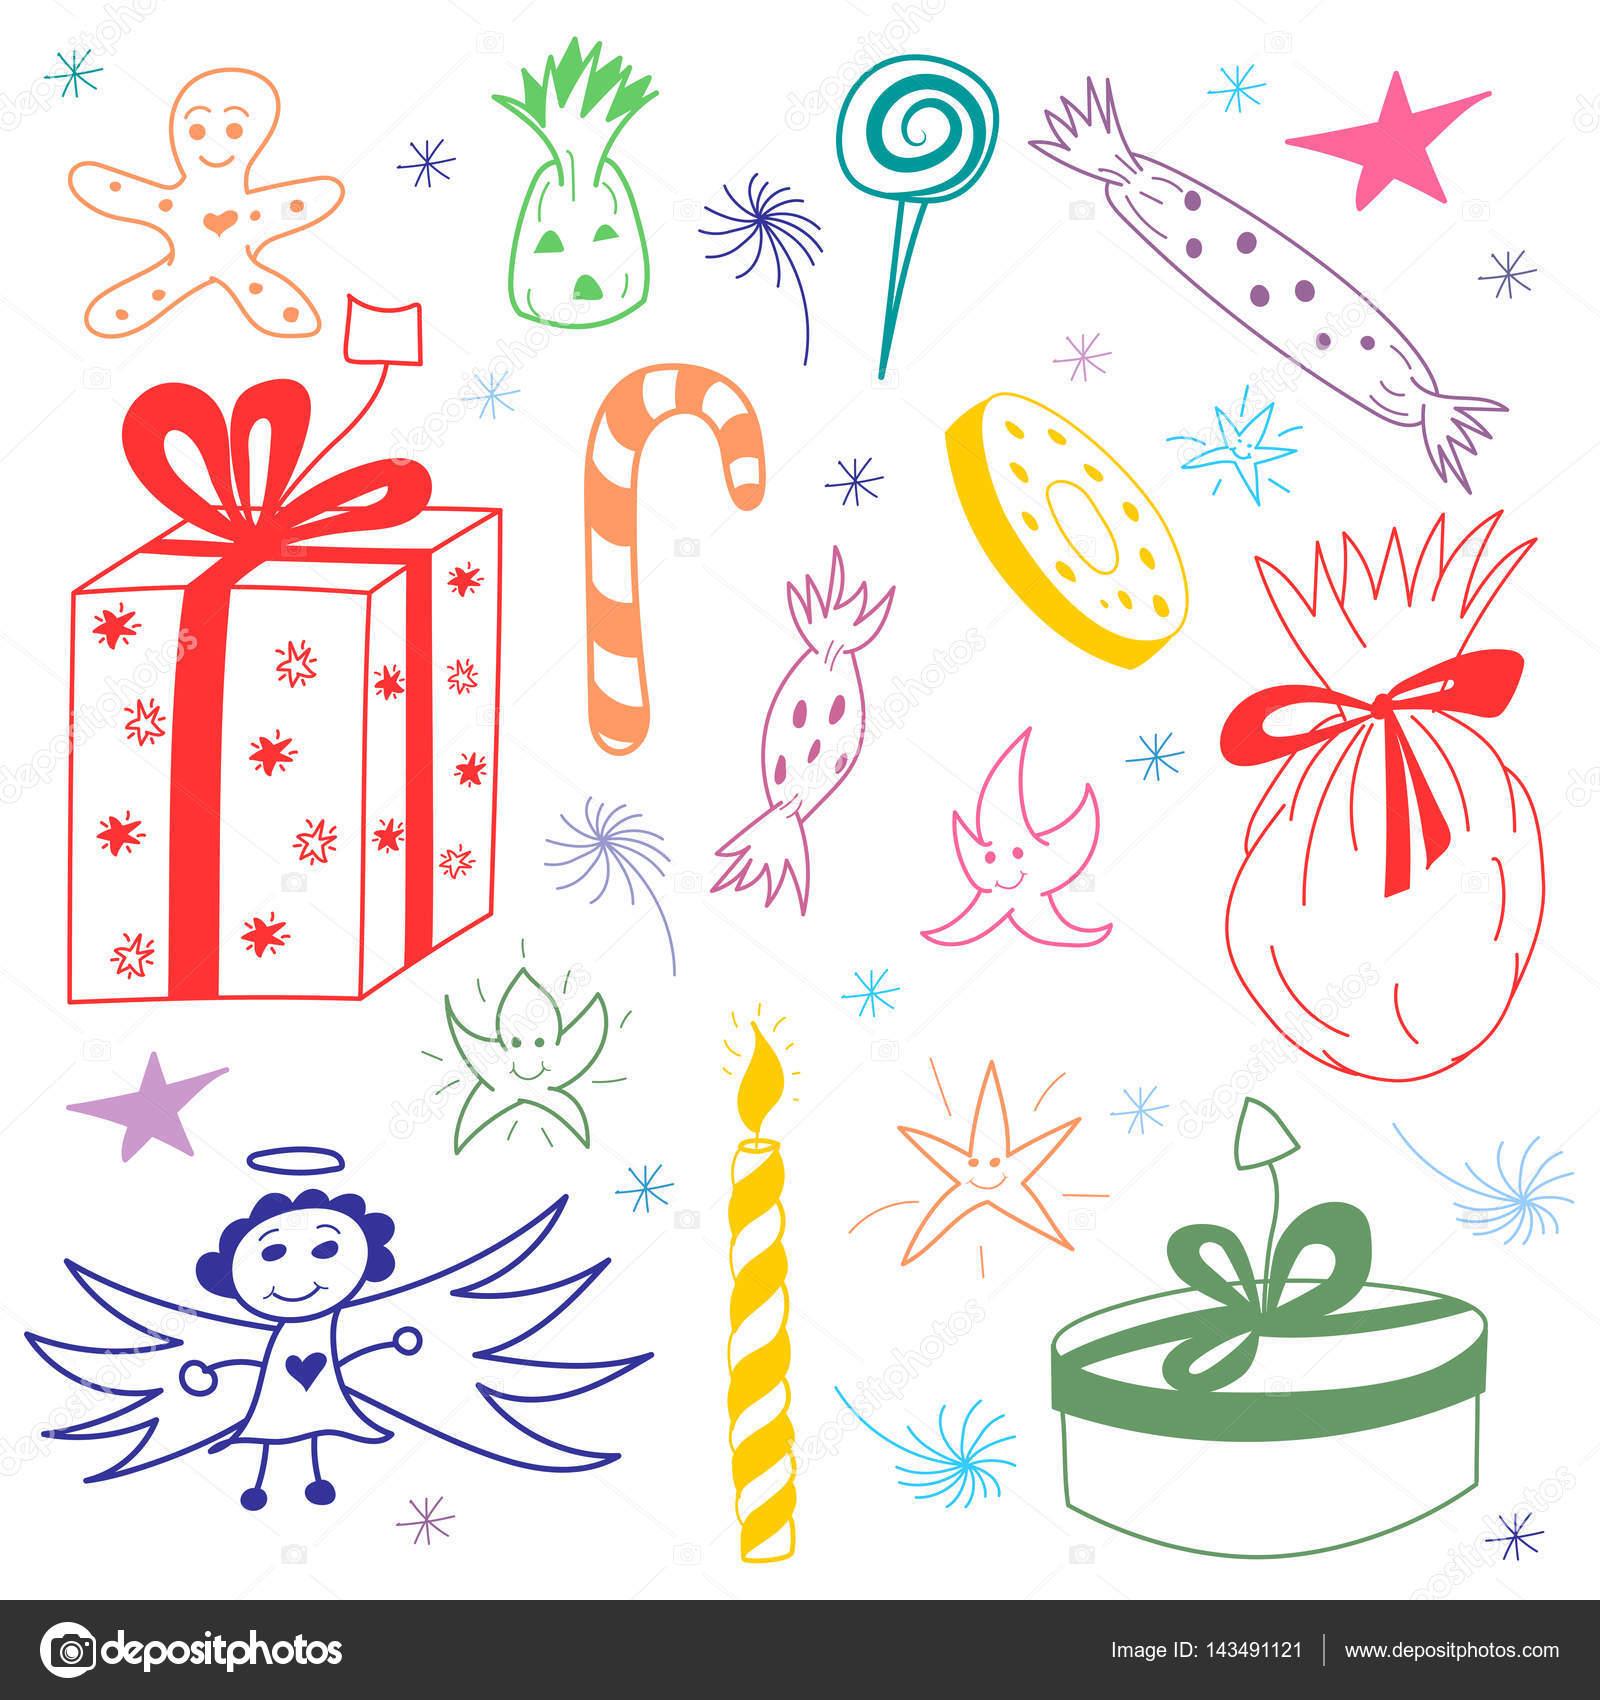 カラフルな手描きのお菓子、ギフト、キャンドル、星や雪のクリスマス